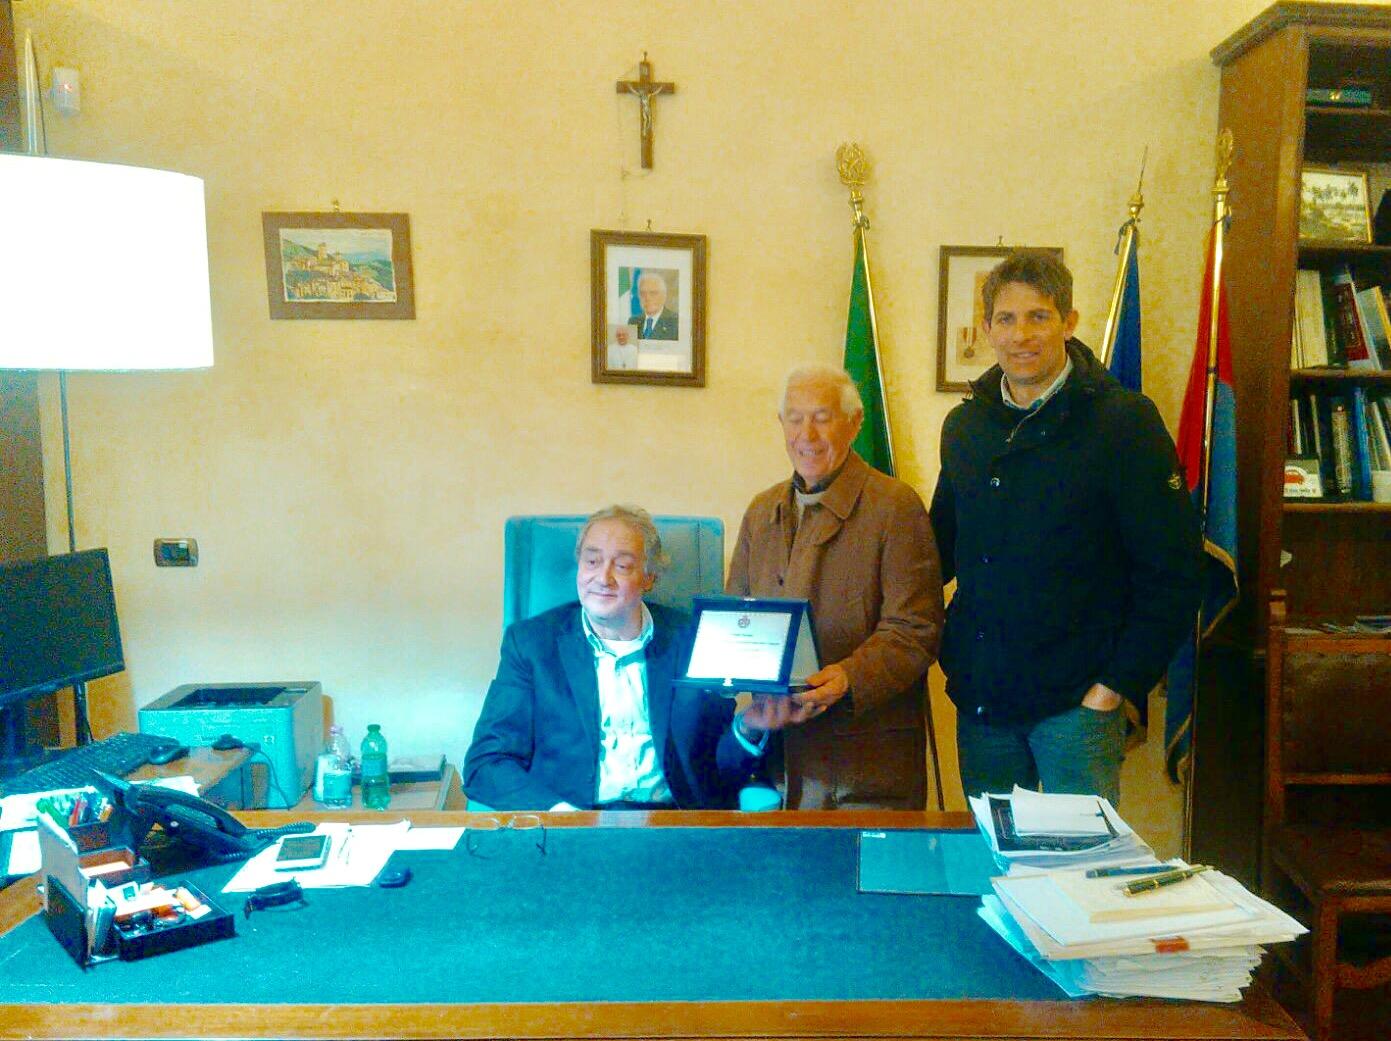 Tarquinia, targa di riconoscimento del Comune a Renato Perugini per 18 anni di lavoro al centro anziani